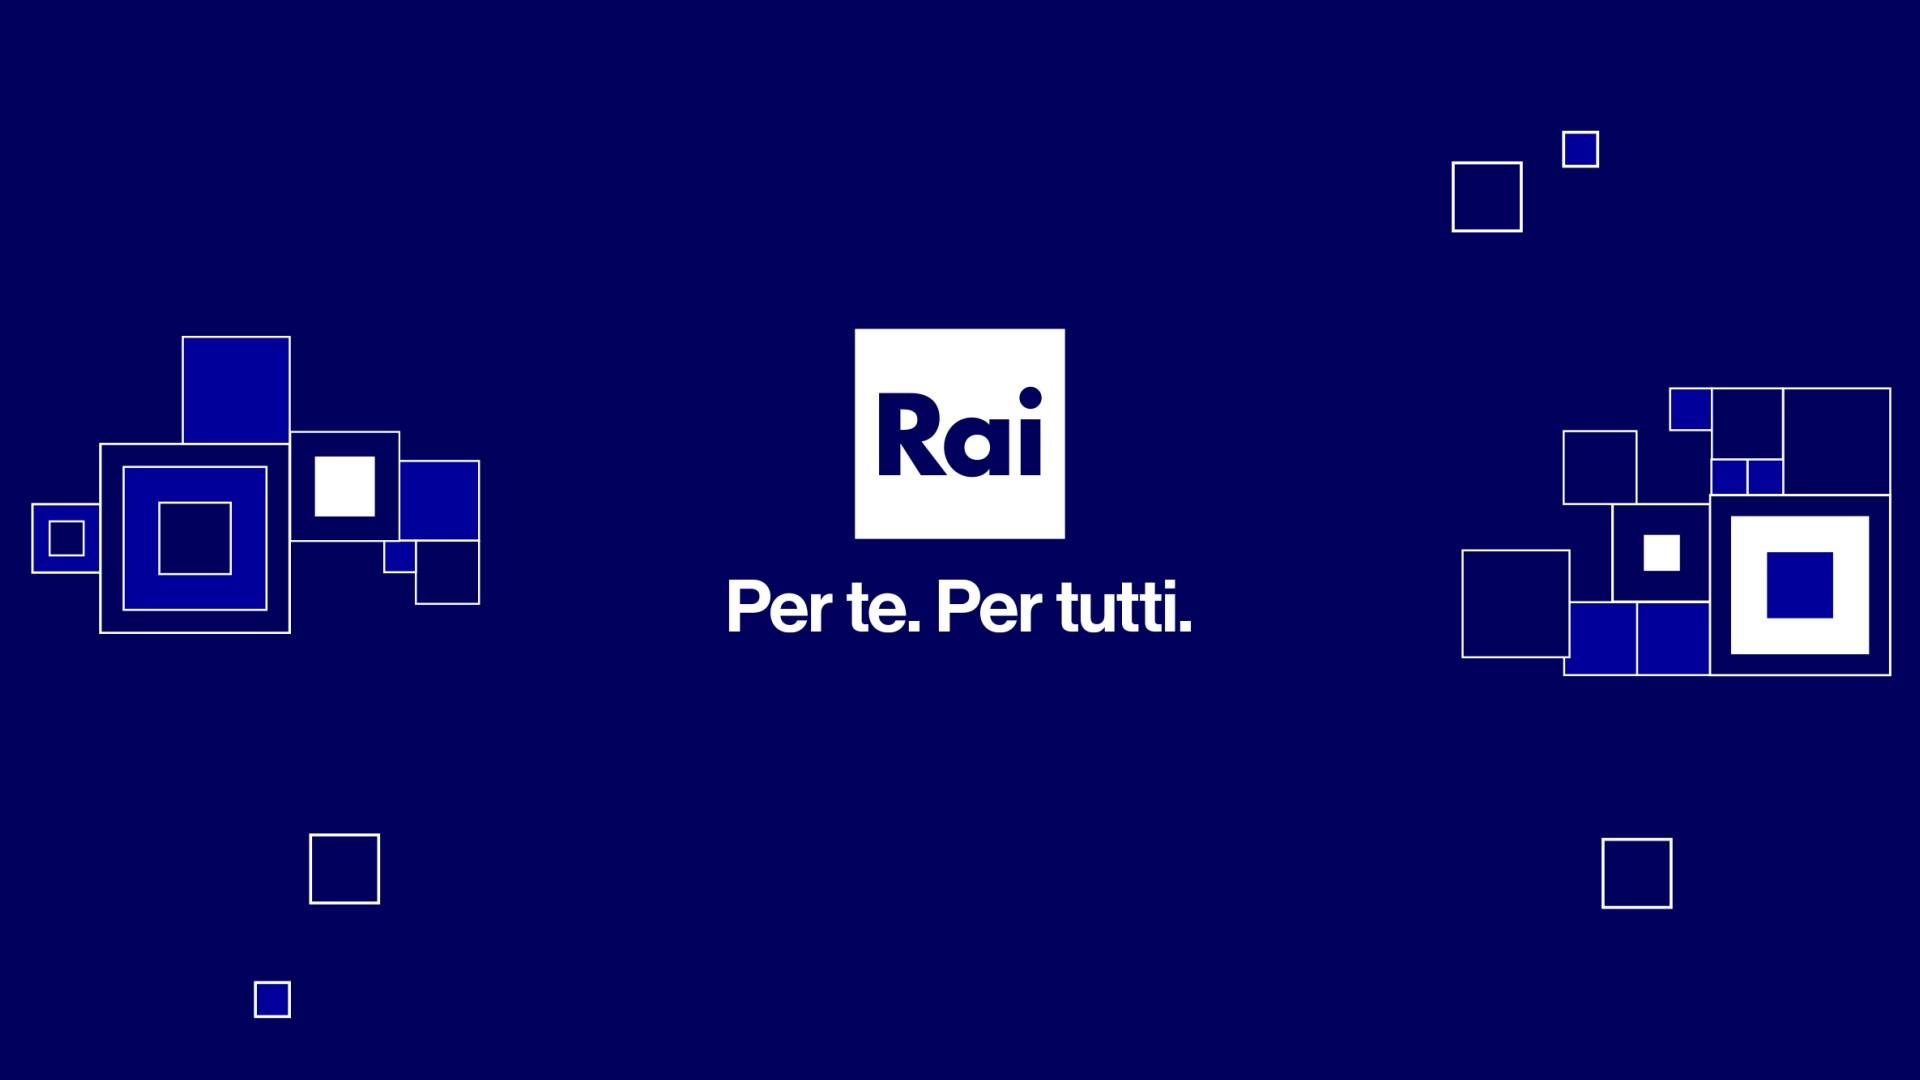 Rai24, un nuovo portale per il salto digitale, sinergia tra tutti i siti aziendali